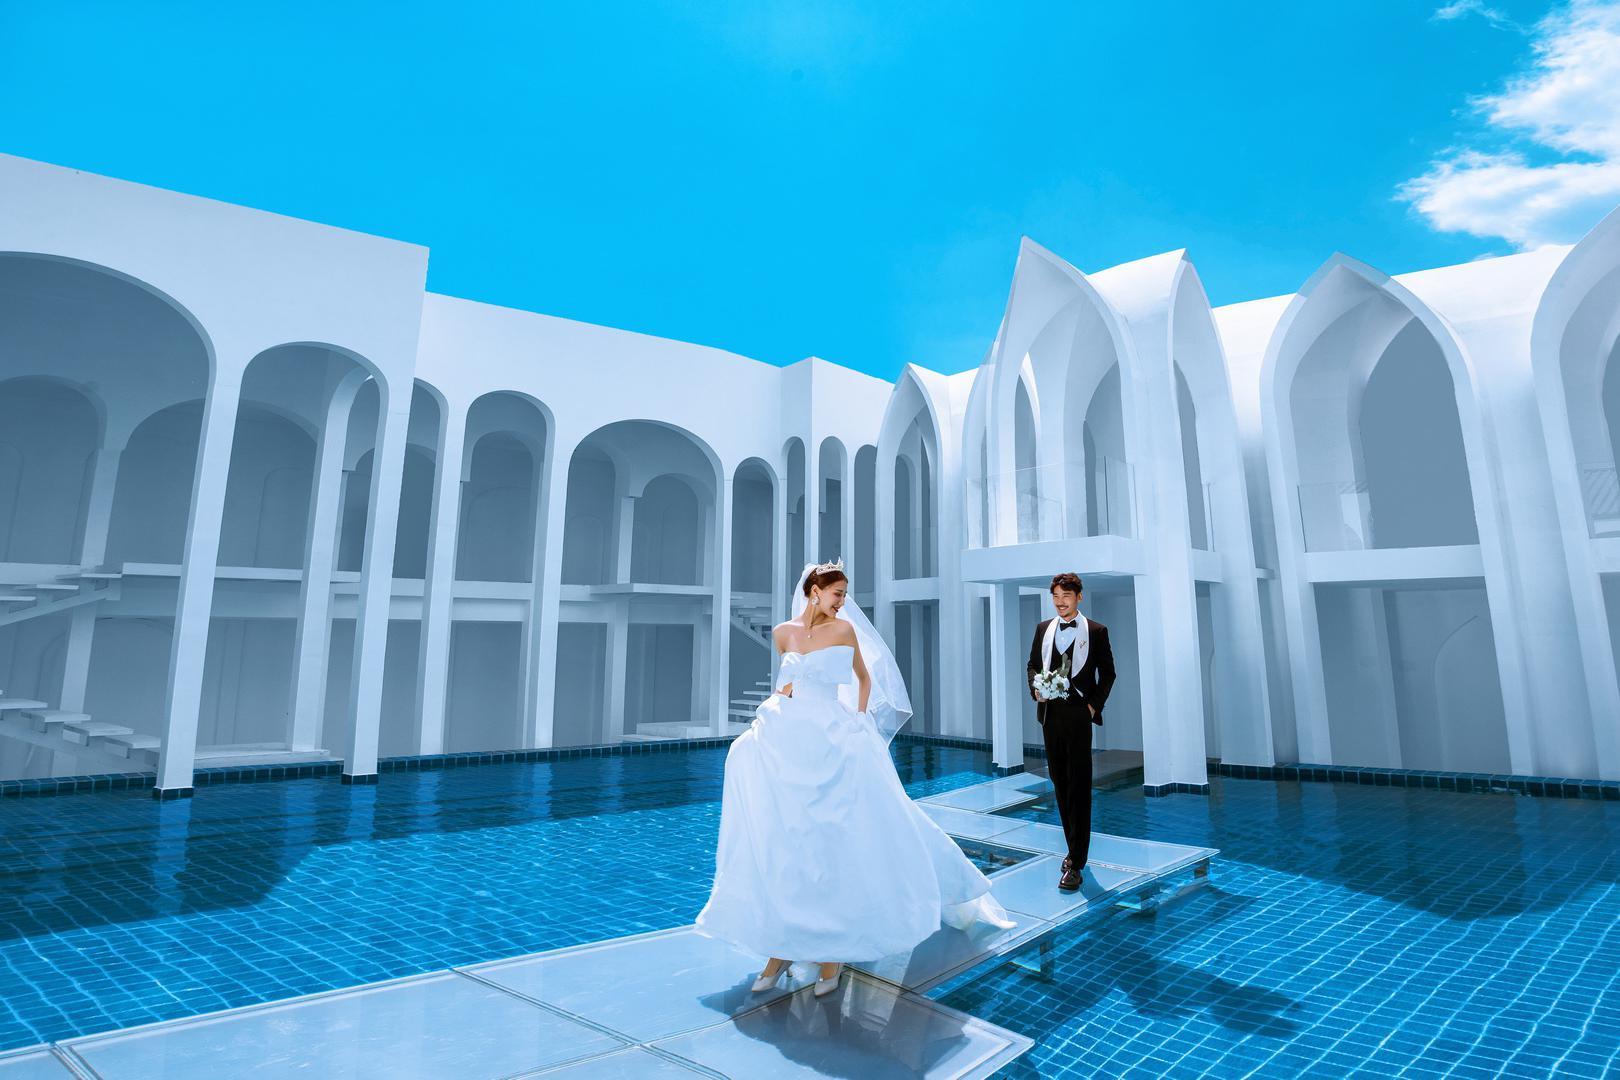 【大理丽江青海旅拍攻略】拍摄婚纱照,一定要定格的高光时刻